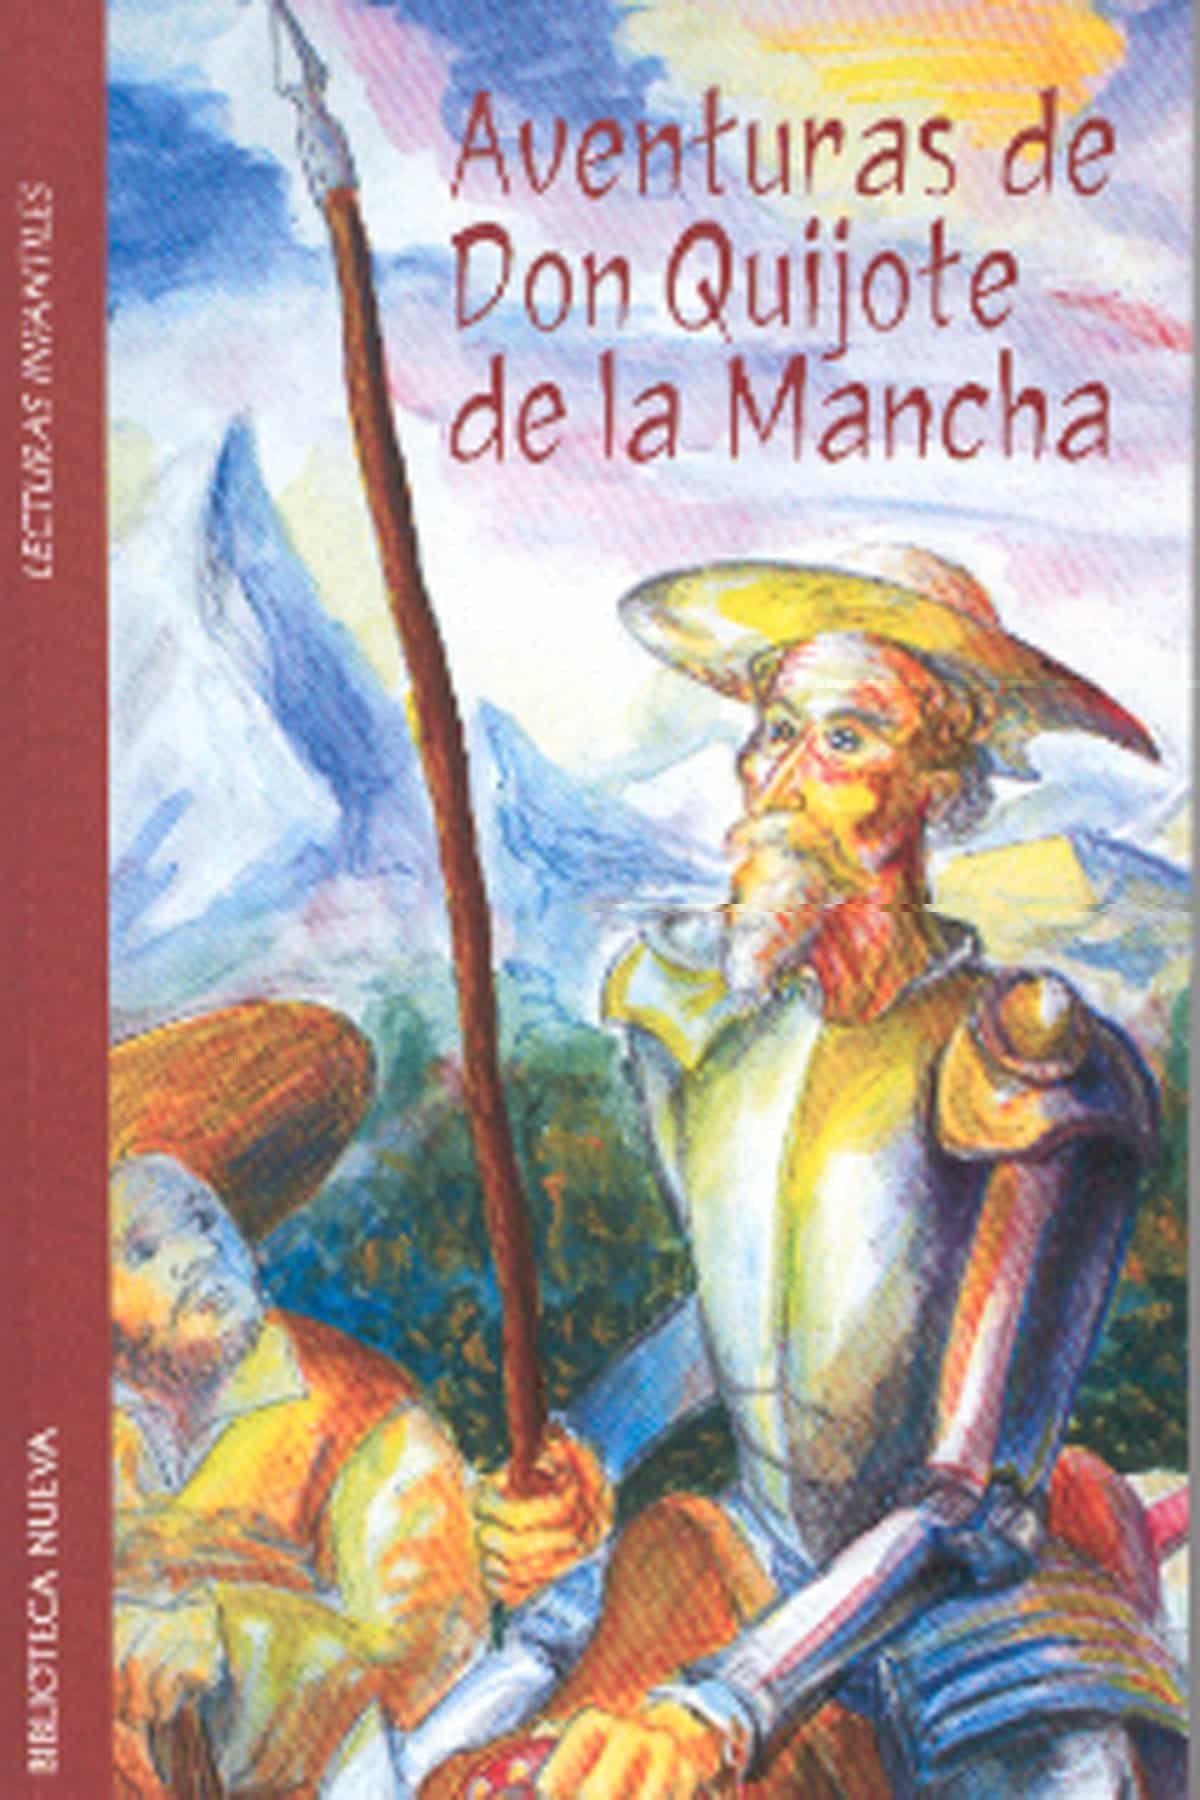 Aventuras De Don Quijote De La Mancha - De Cervantes Miguel